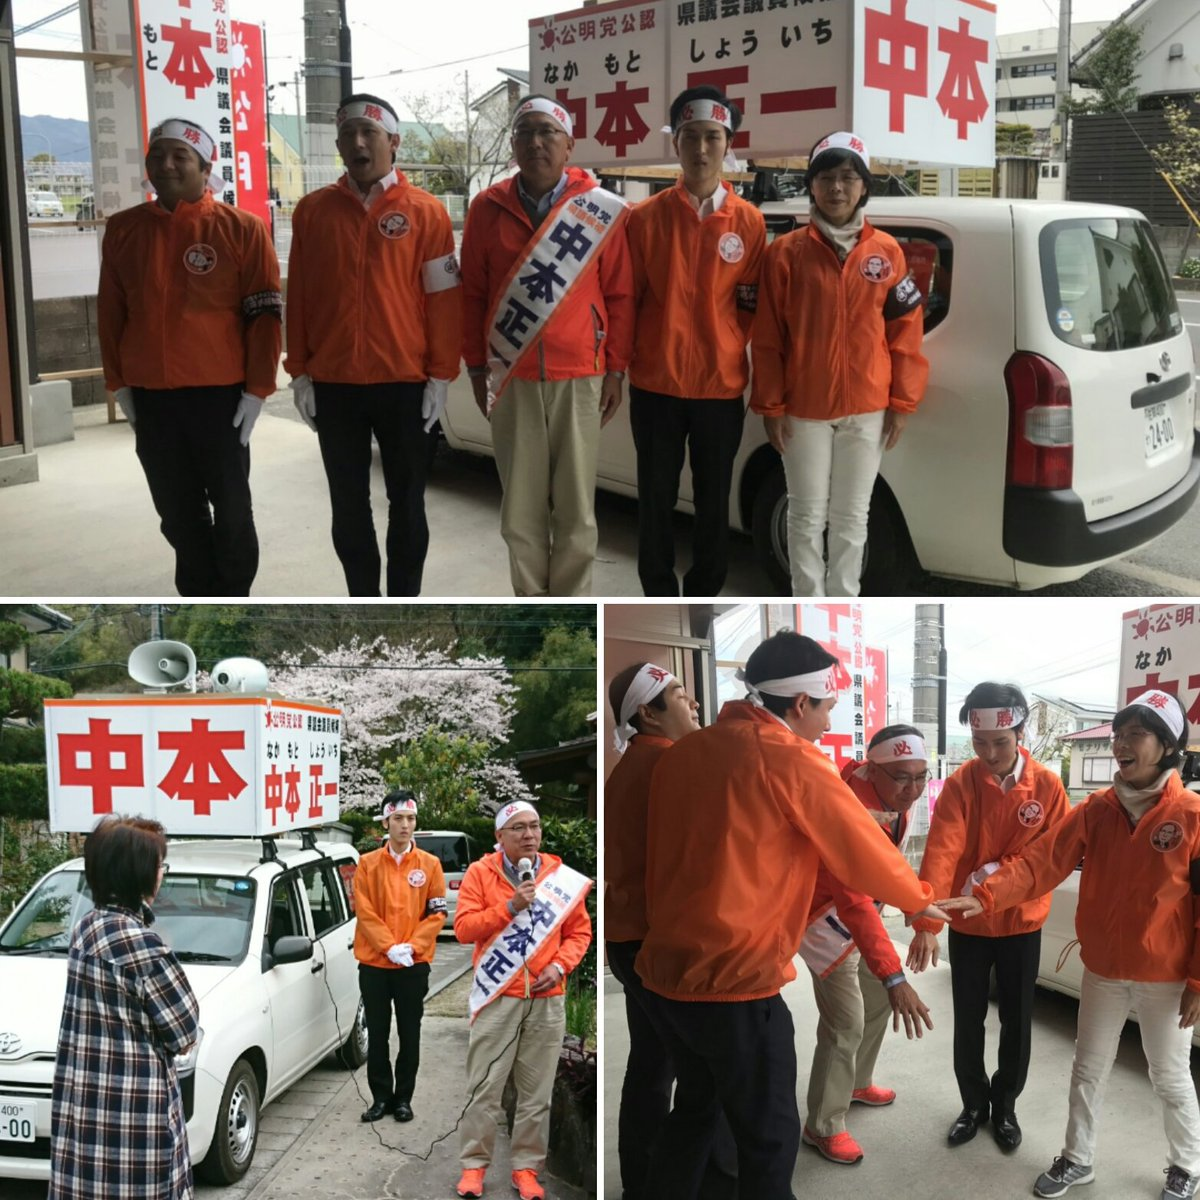 4月5日 佐賀県議選・佐賀市選挙区『#中本 正一』候補。10時~の遊説は、遊説隊と頑張ります❗&lt;br /&gt;&lt;br /&gt;<br /> 選挙戦もあと2日。皆様のお力をお貸しください‼